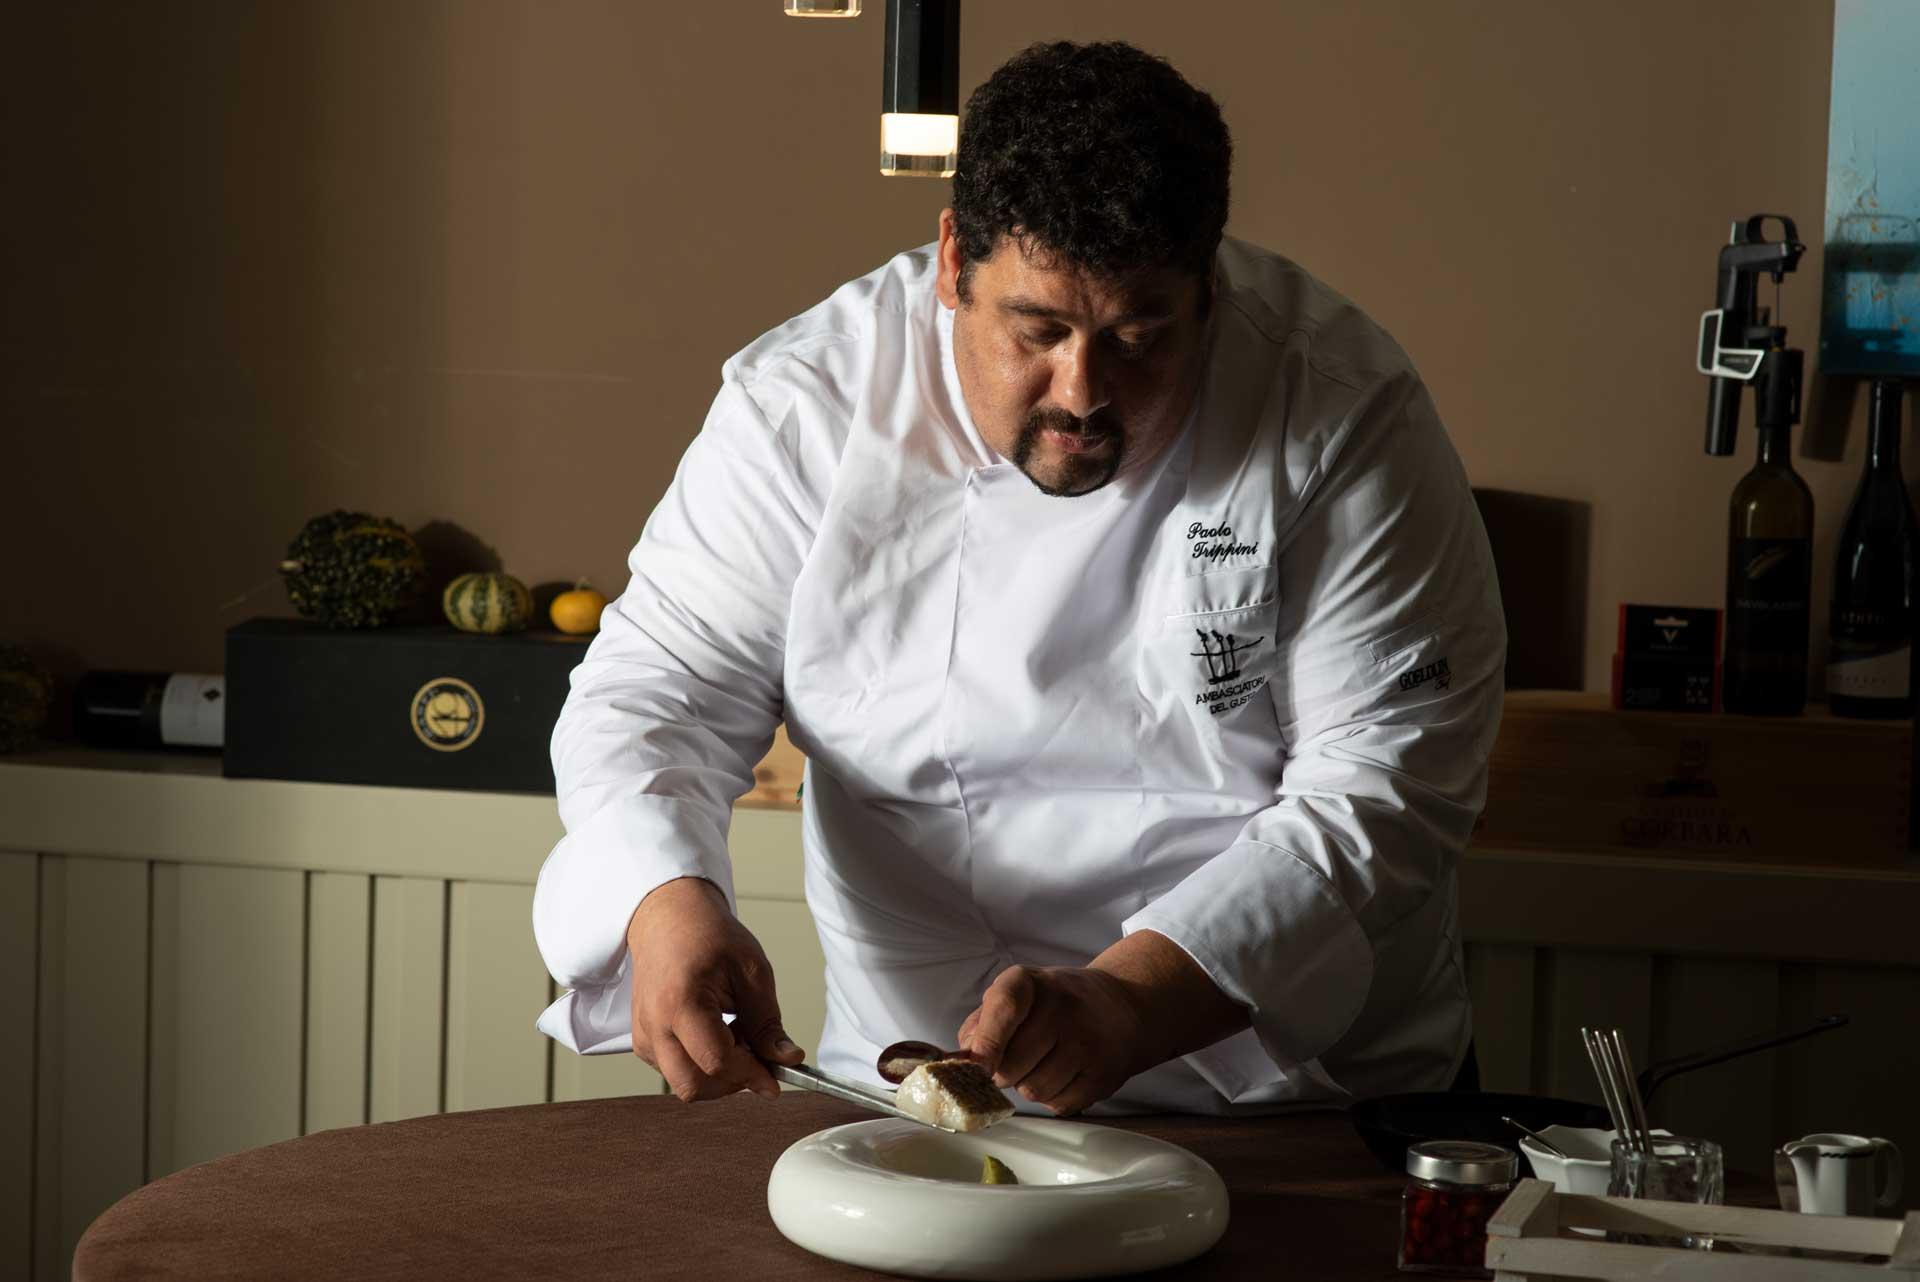 officina-visiva-ale-e-pepe-food-chef-paolo-trippini-ambasciatore-del-gusto-4-web